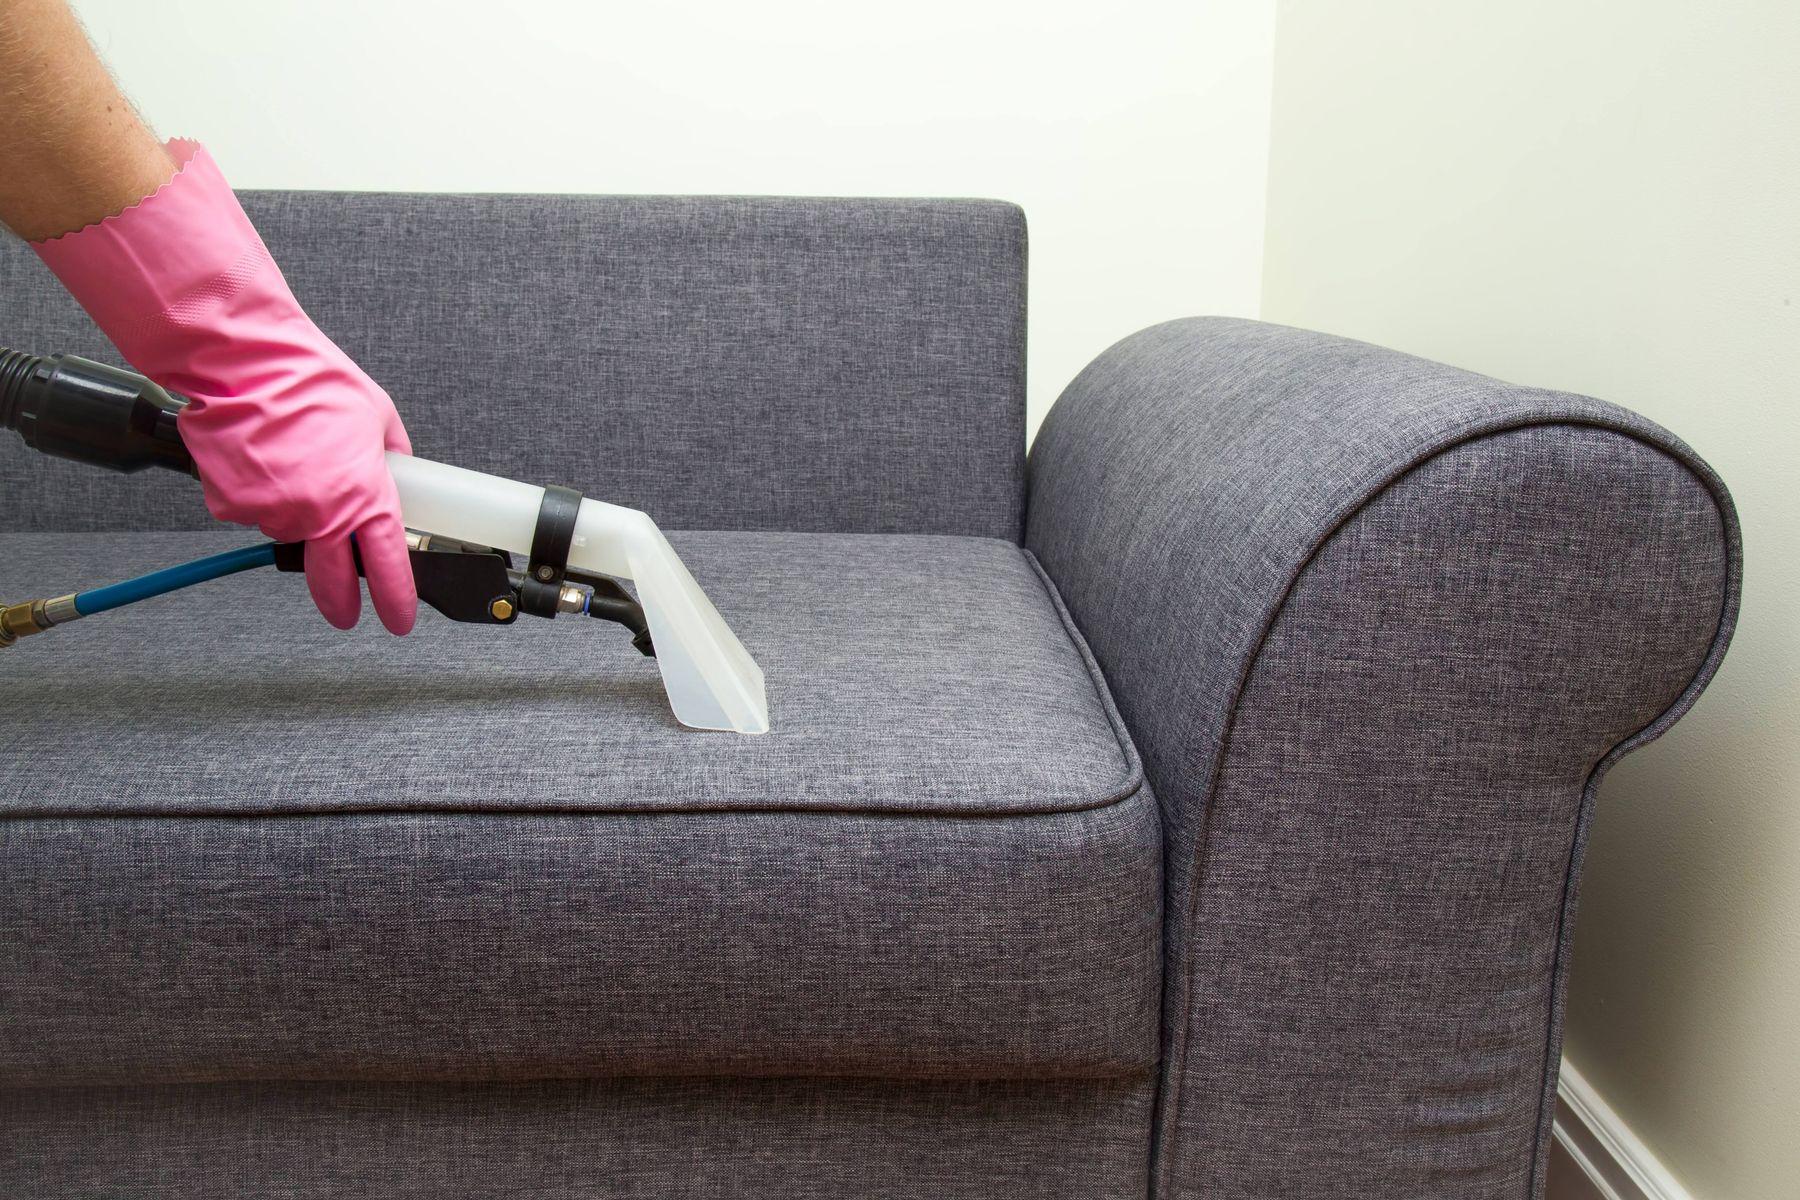 máy giặt thảm sofa nệm thảm bằng hơi nước nóng